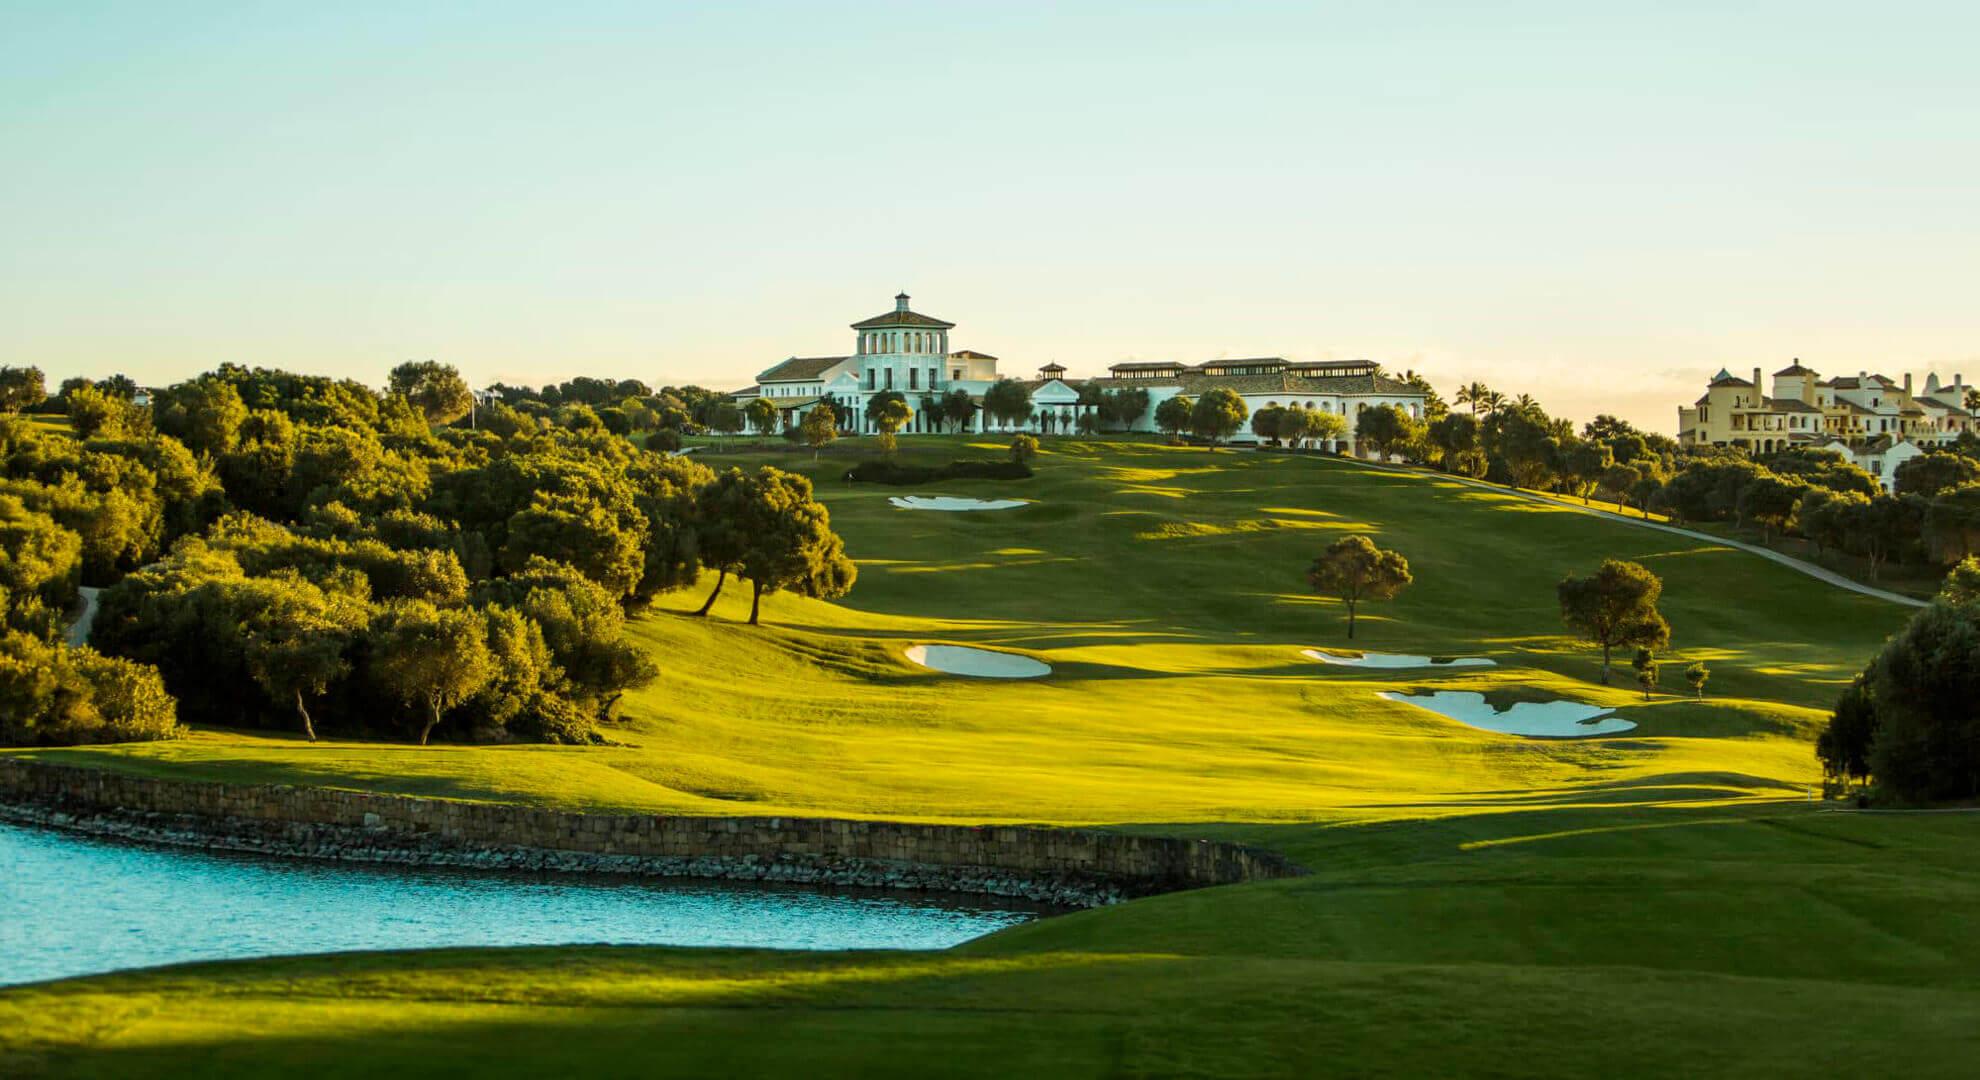 La Reserva Sotogrande Golf Course, Spain